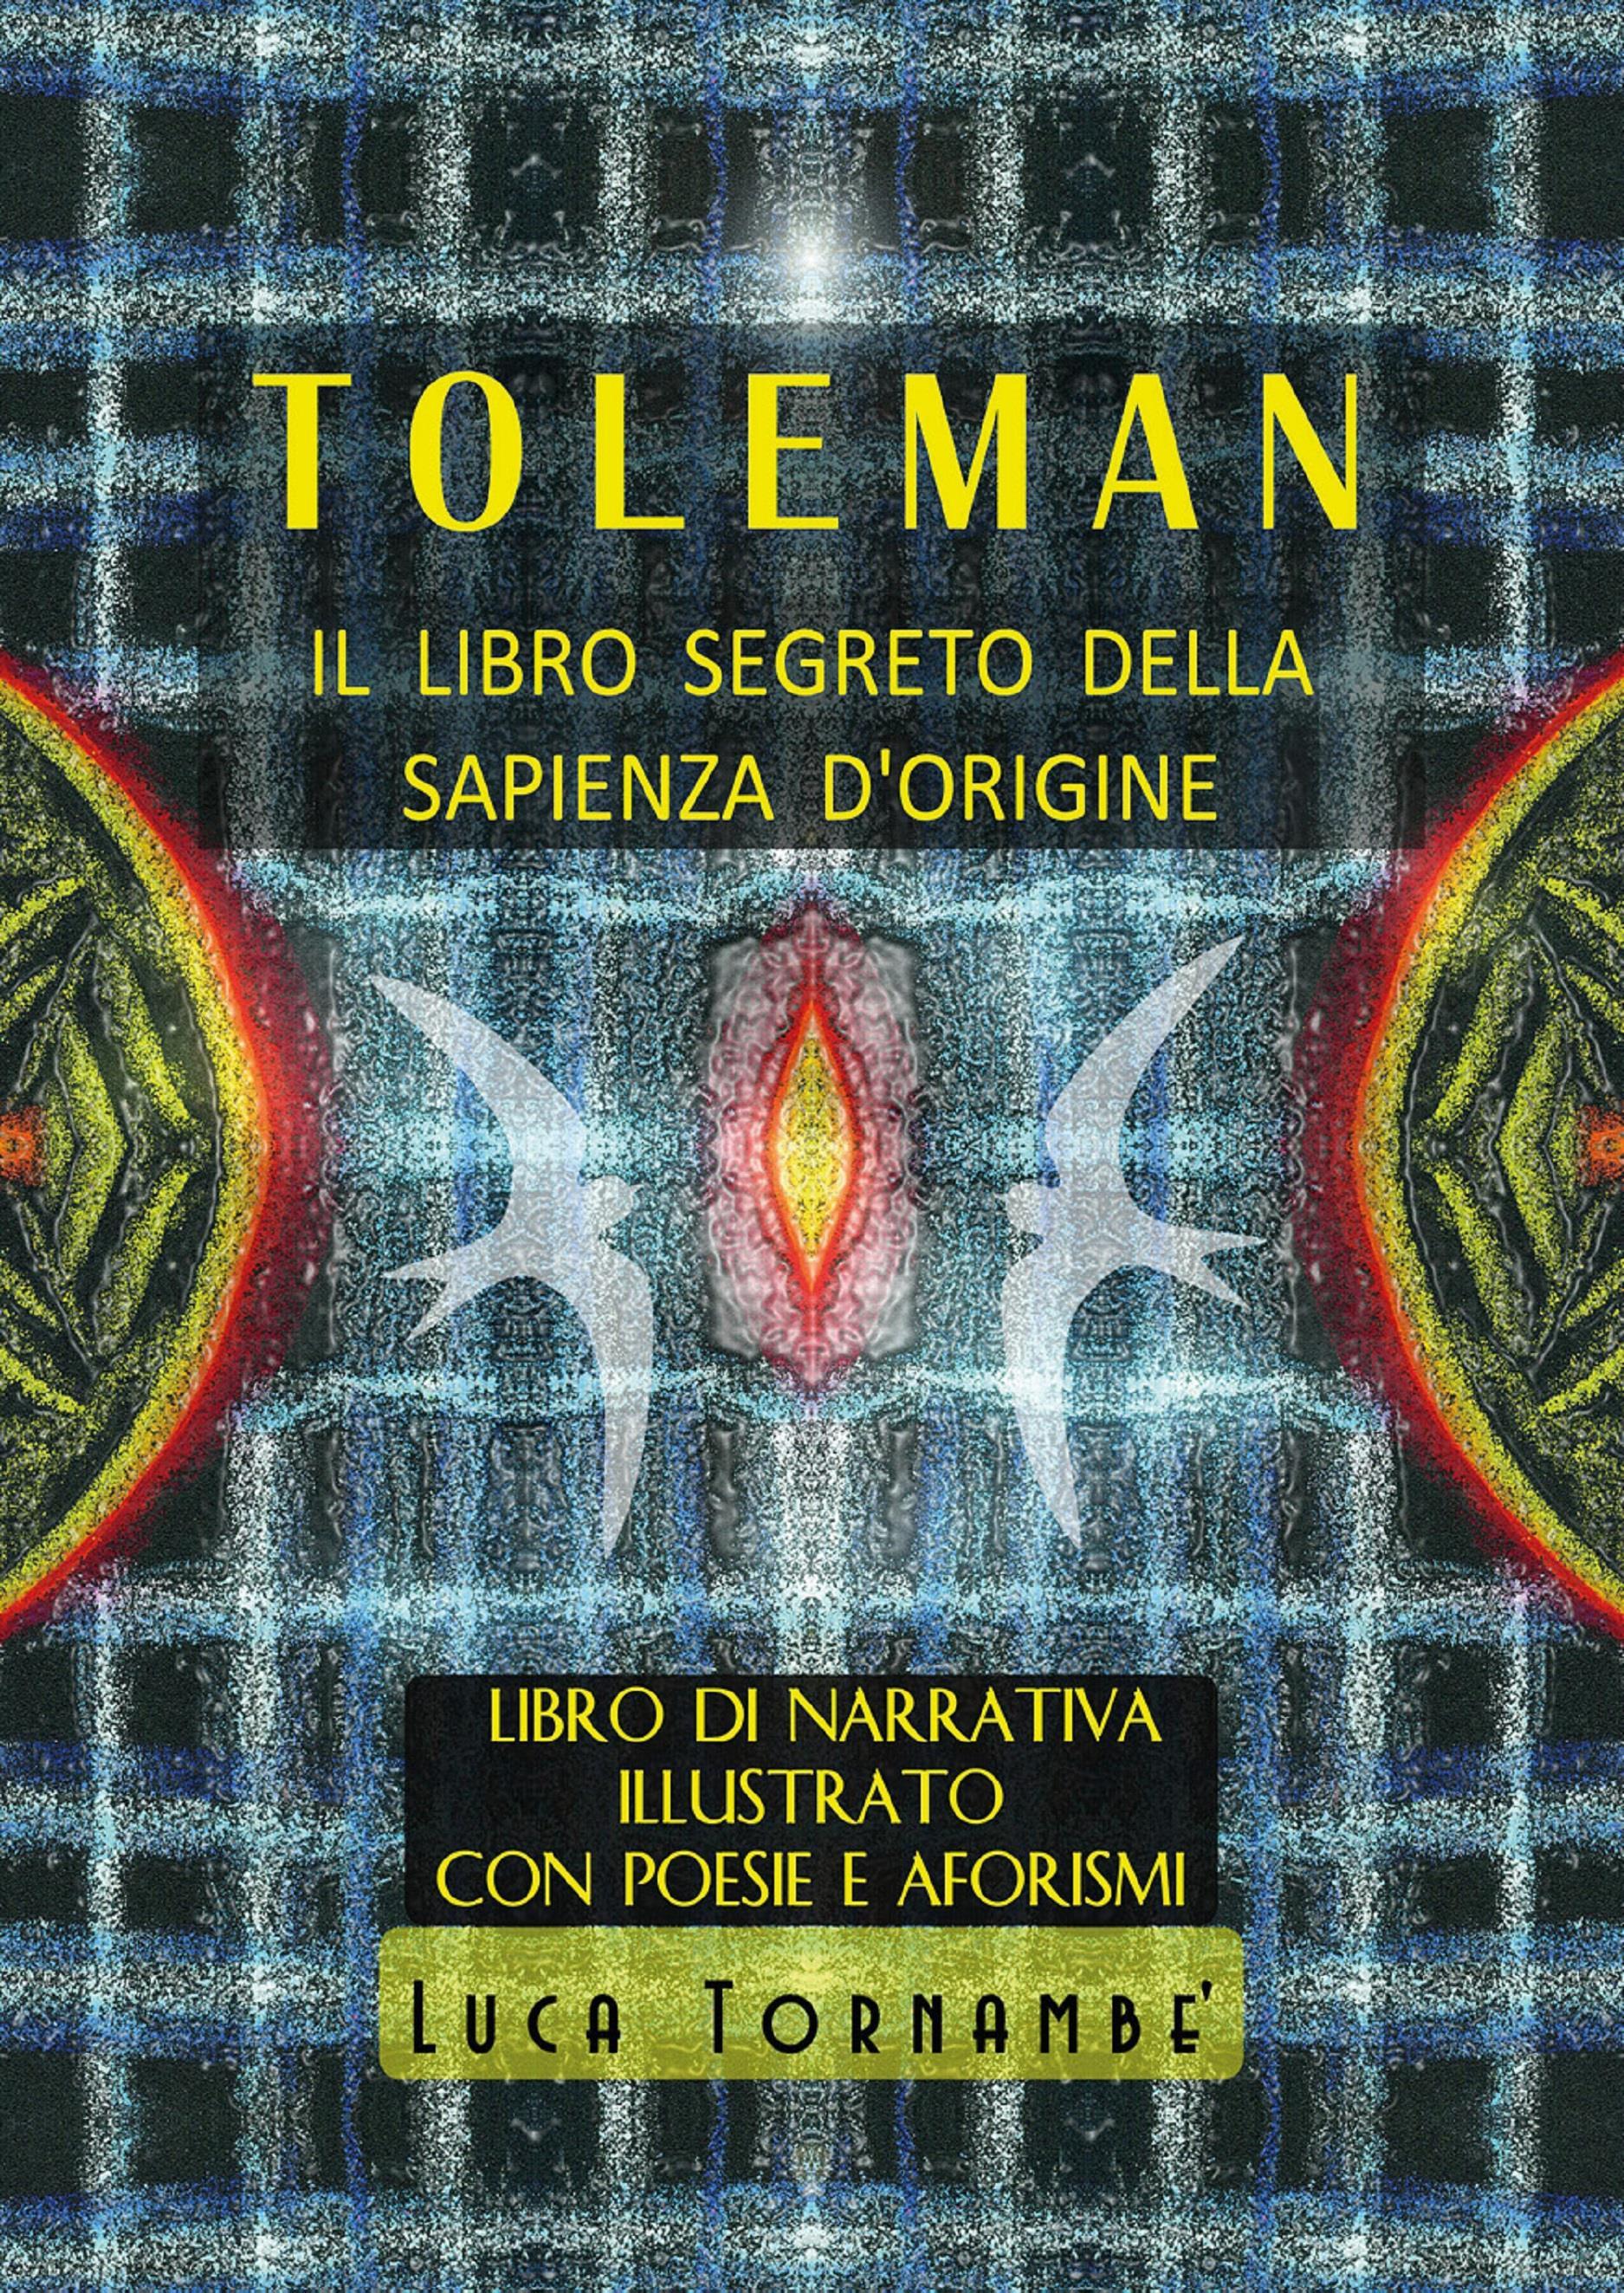 Toleman il libro segreto della sapienza d'origine